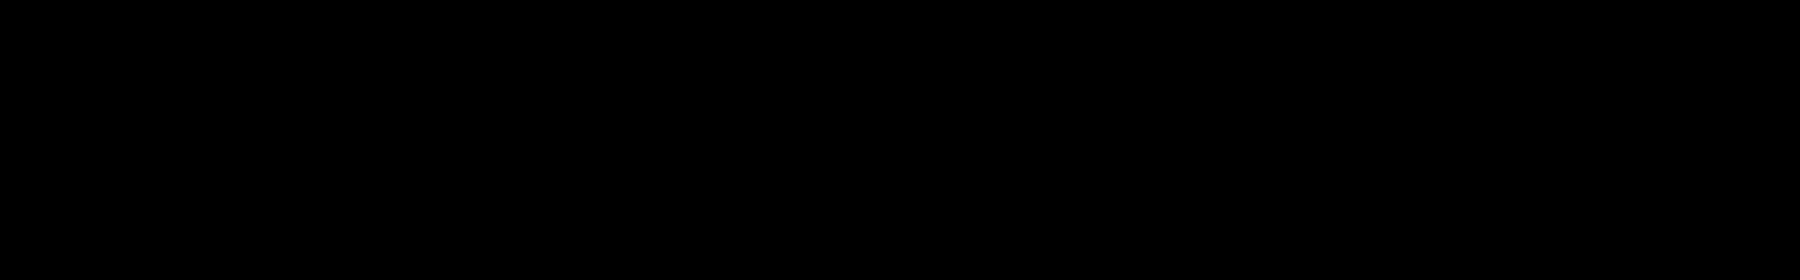 DGTL Techno audio waveform